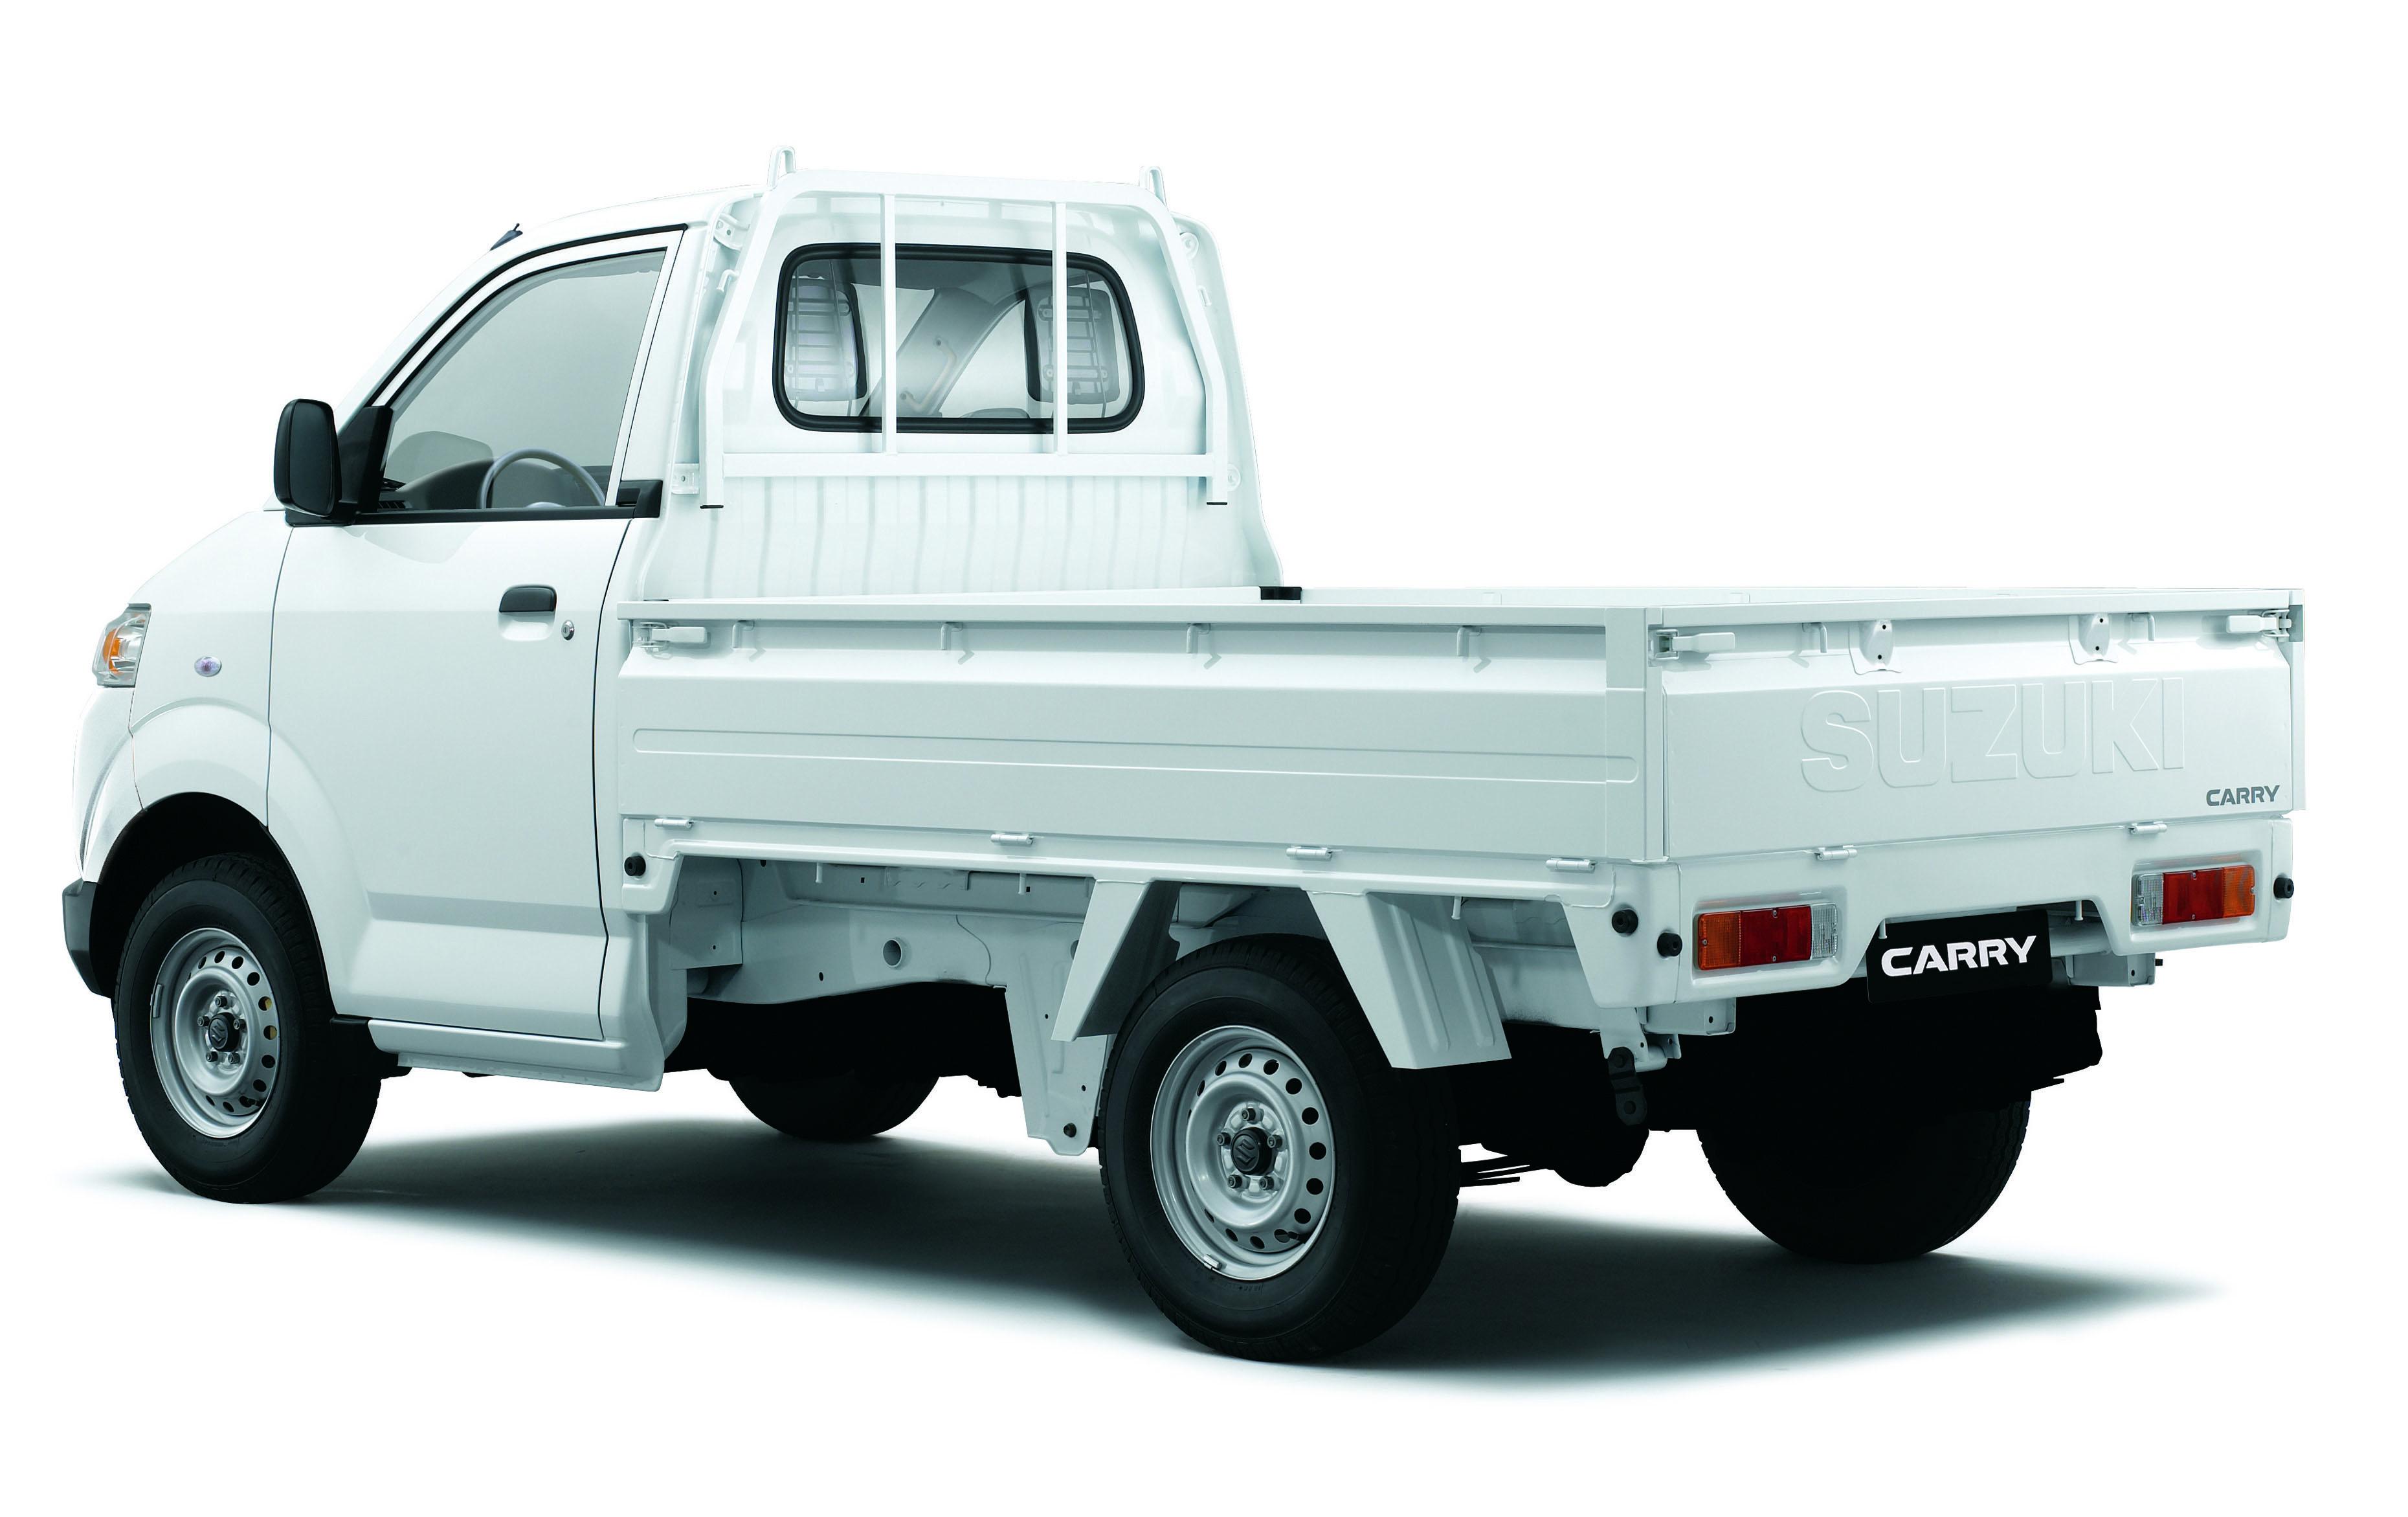 APV Carry Truck - Suzuki Vanuatu